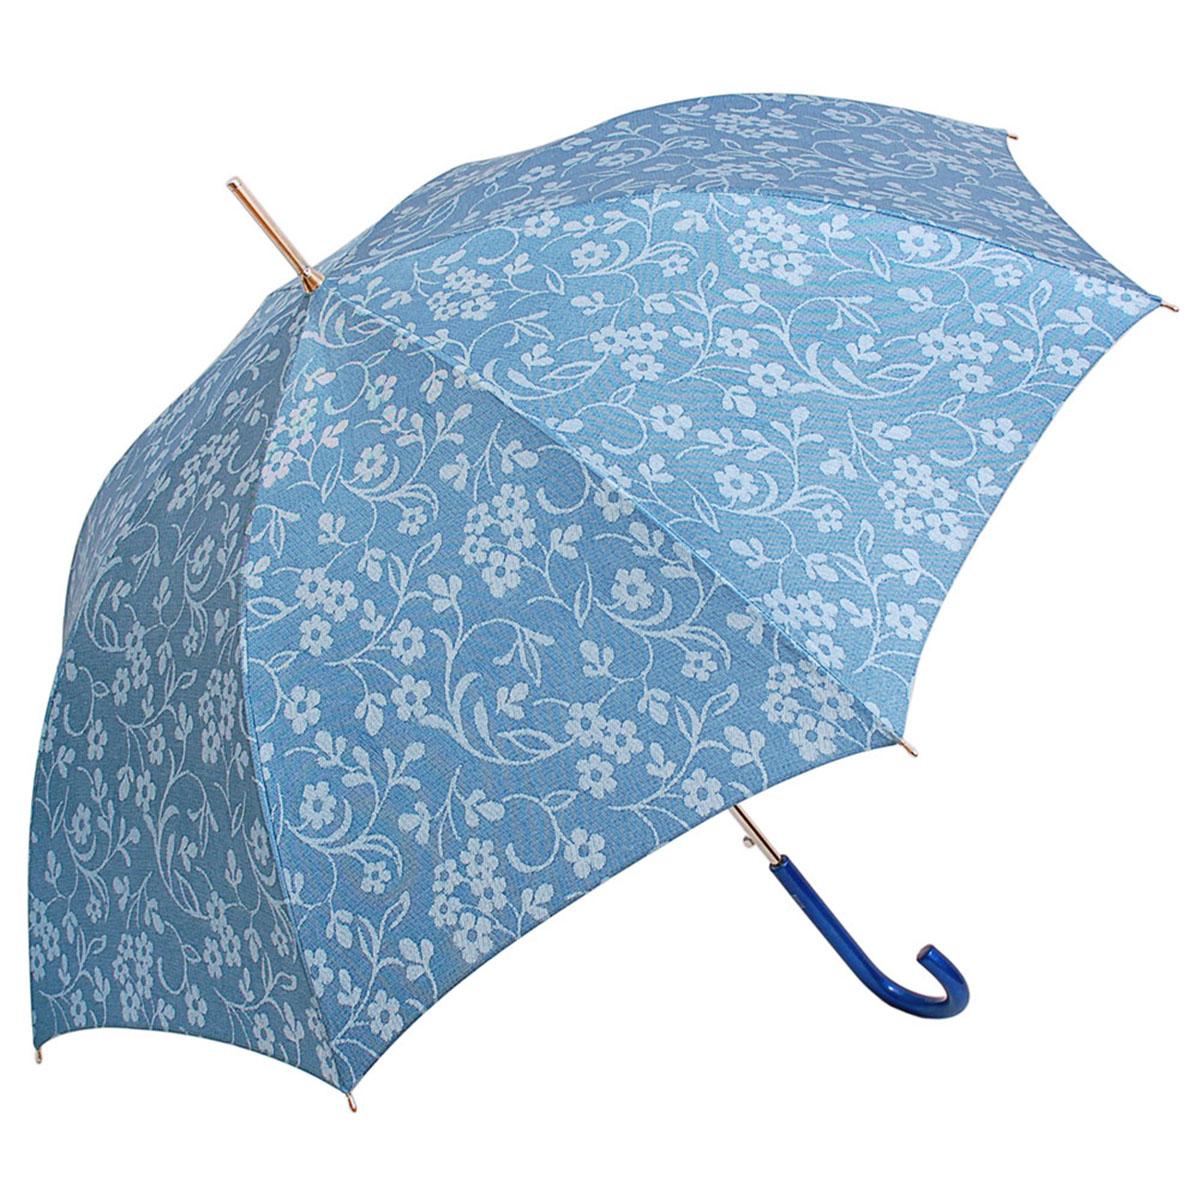 Зонт-трость женский Stilla, цвет: голубой. 652/2 auto652/2 autoЗонт-трость Stilla надежно защитит вас от дождя. Купол, оформленный оригинальным принтом, выполнен из высококачественного ПВХ, который не пропускает воду. Каркас зонта и спицы выполнены из высококарбонистой стали. Зонт имеет автоматический тип сложения: открывается и закрывается при нажатии на кнопку. Удобная ручка выполнена из пластика.